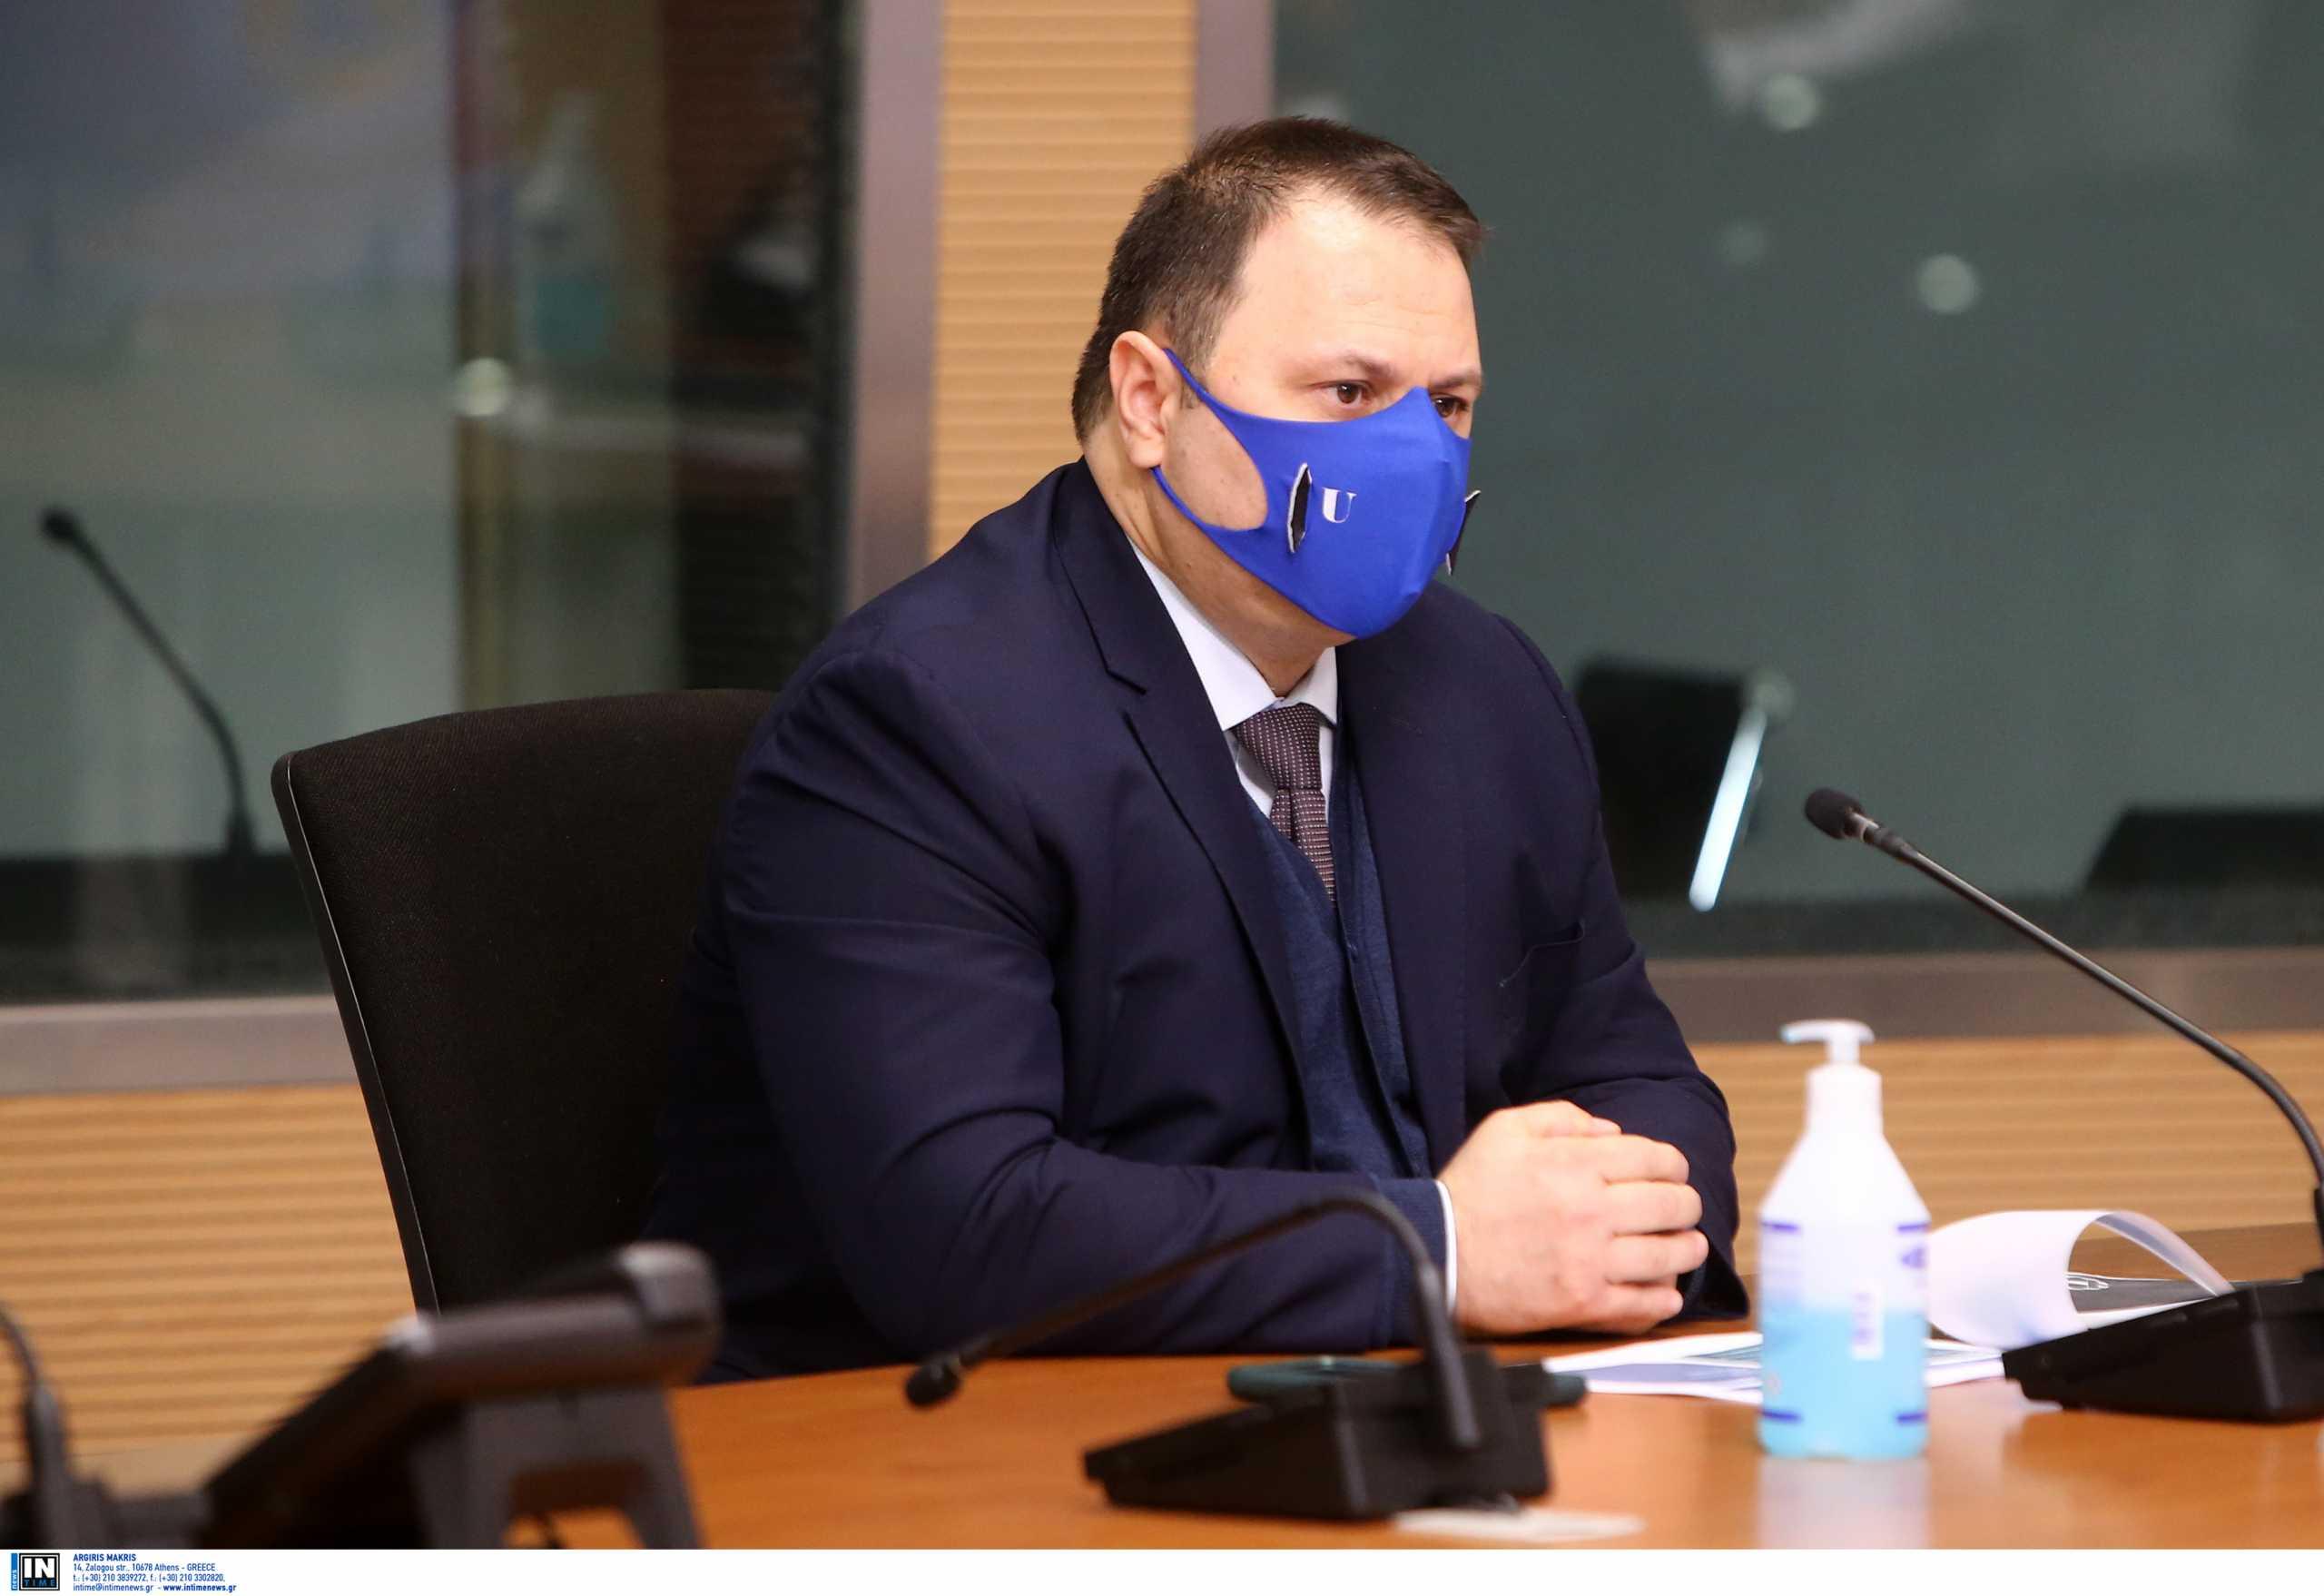 Φεύγει ο Παναγιώτης Σταμπουλίδης από το Υπουργείο Ανάπτυξης – Ο λόγος